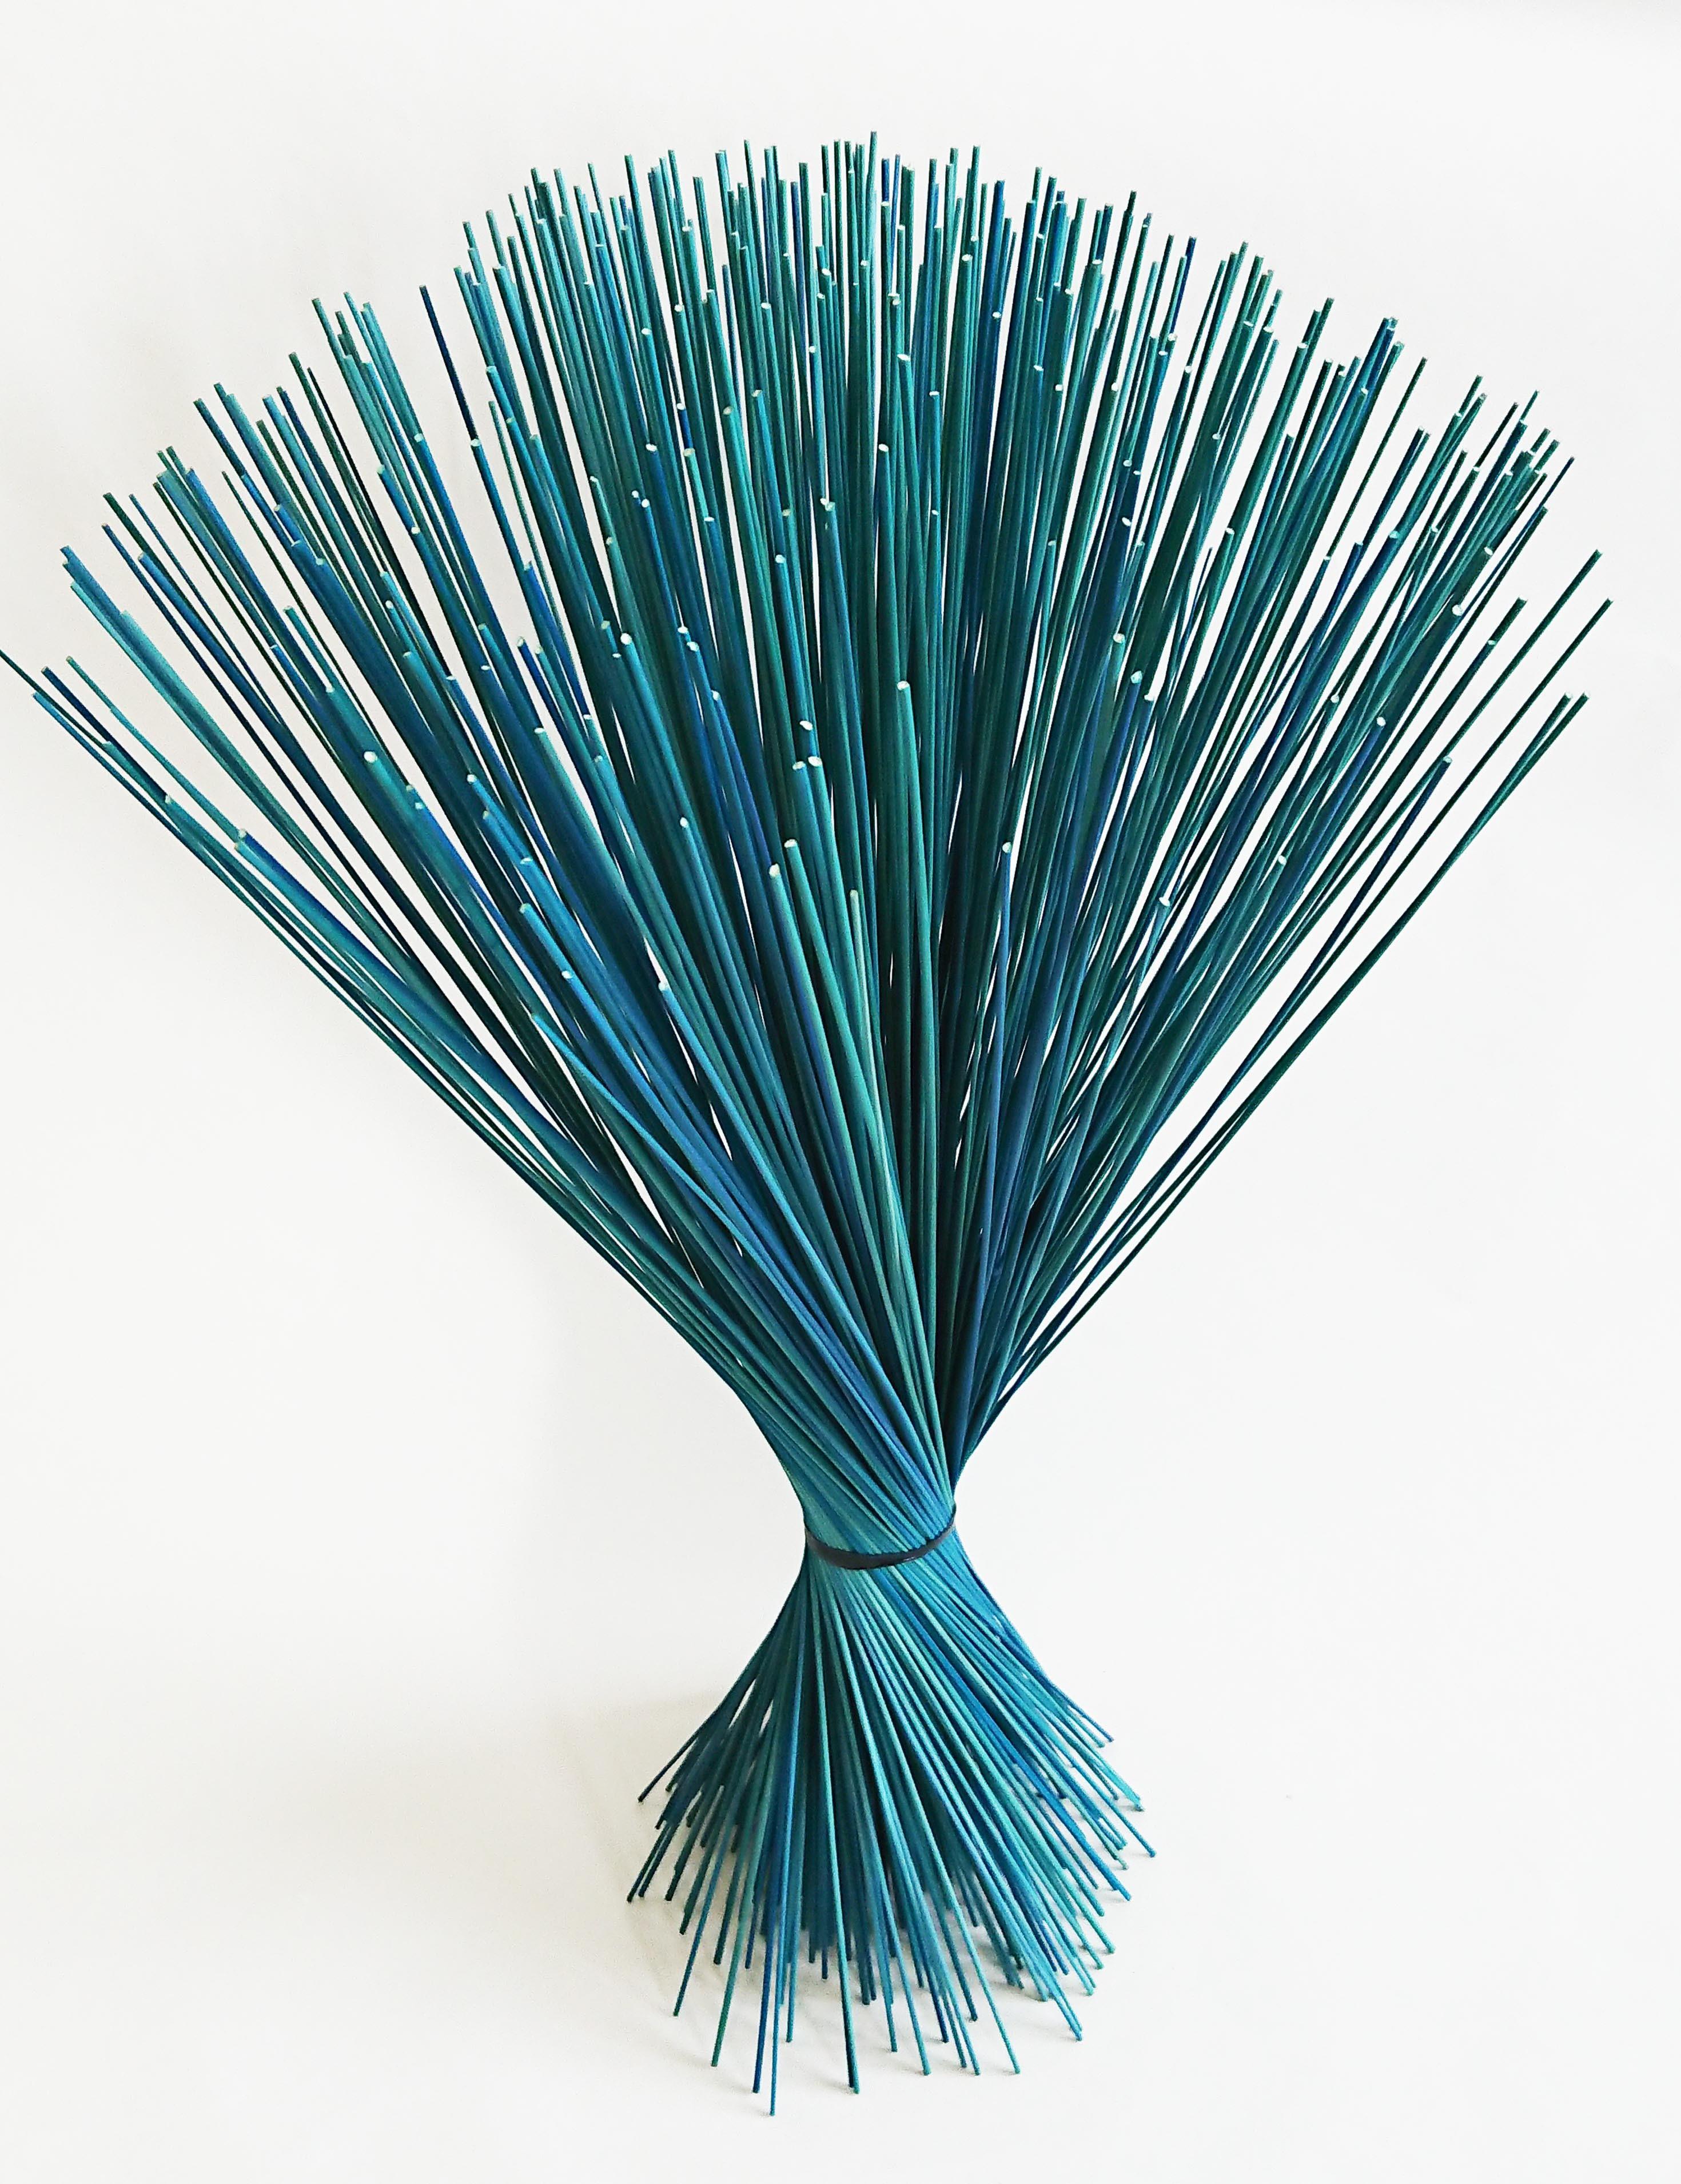 【イ草フラワー ライトブルー】Rush Grass Flower Light Blue 35cm